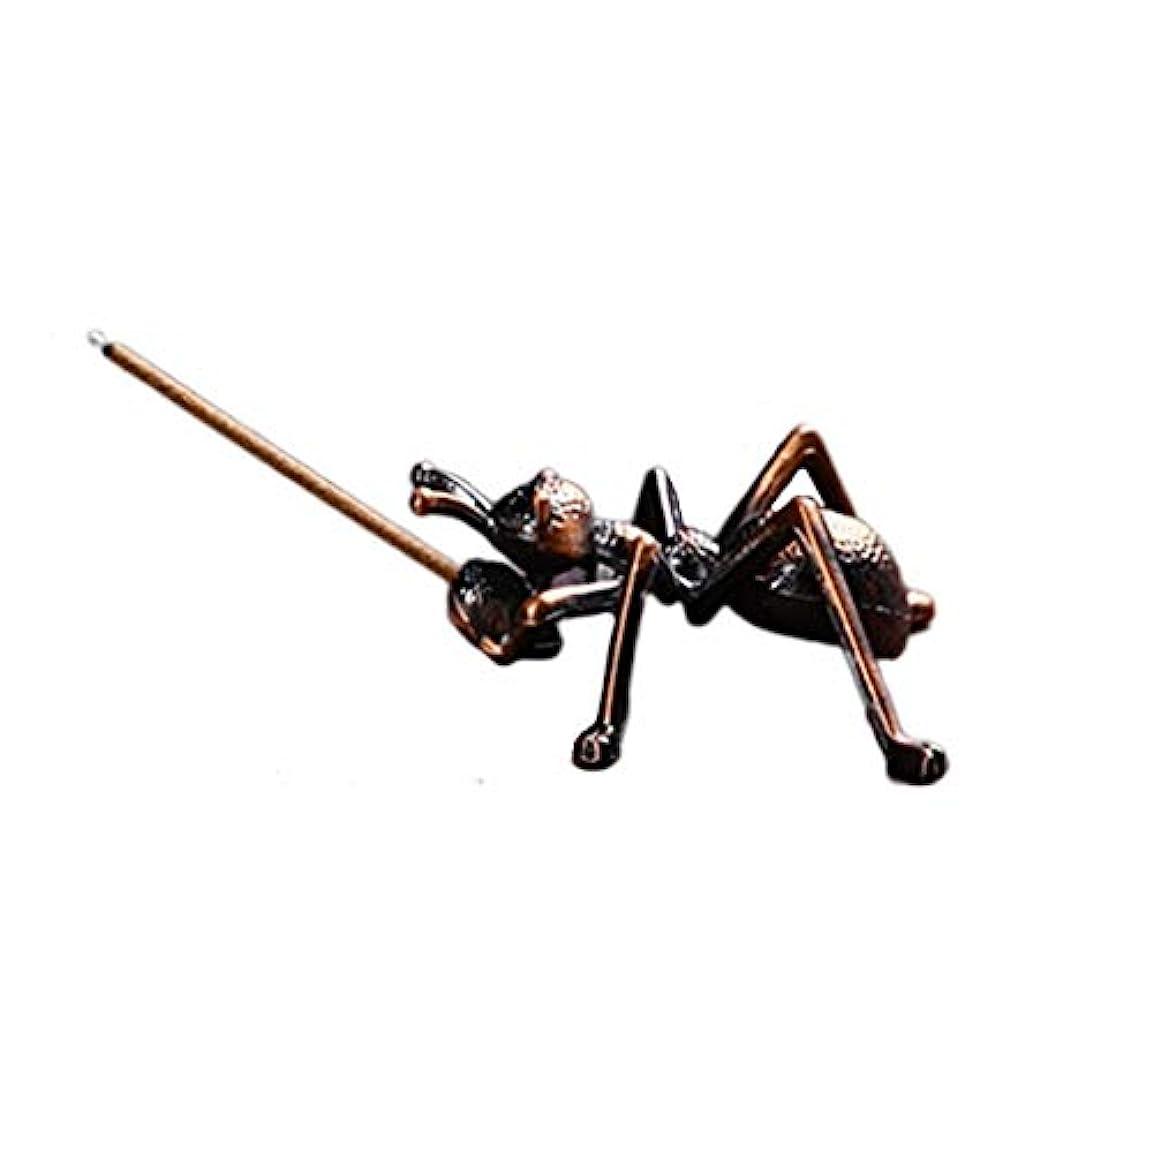 アクションばかげた民間人合金蟻香バーナーミニ線香ホルダー小さな香バーナーホルダーホームデコレーション香オイルバーナー (Color : Brown, サイズ : 1.96*0.86inchs)